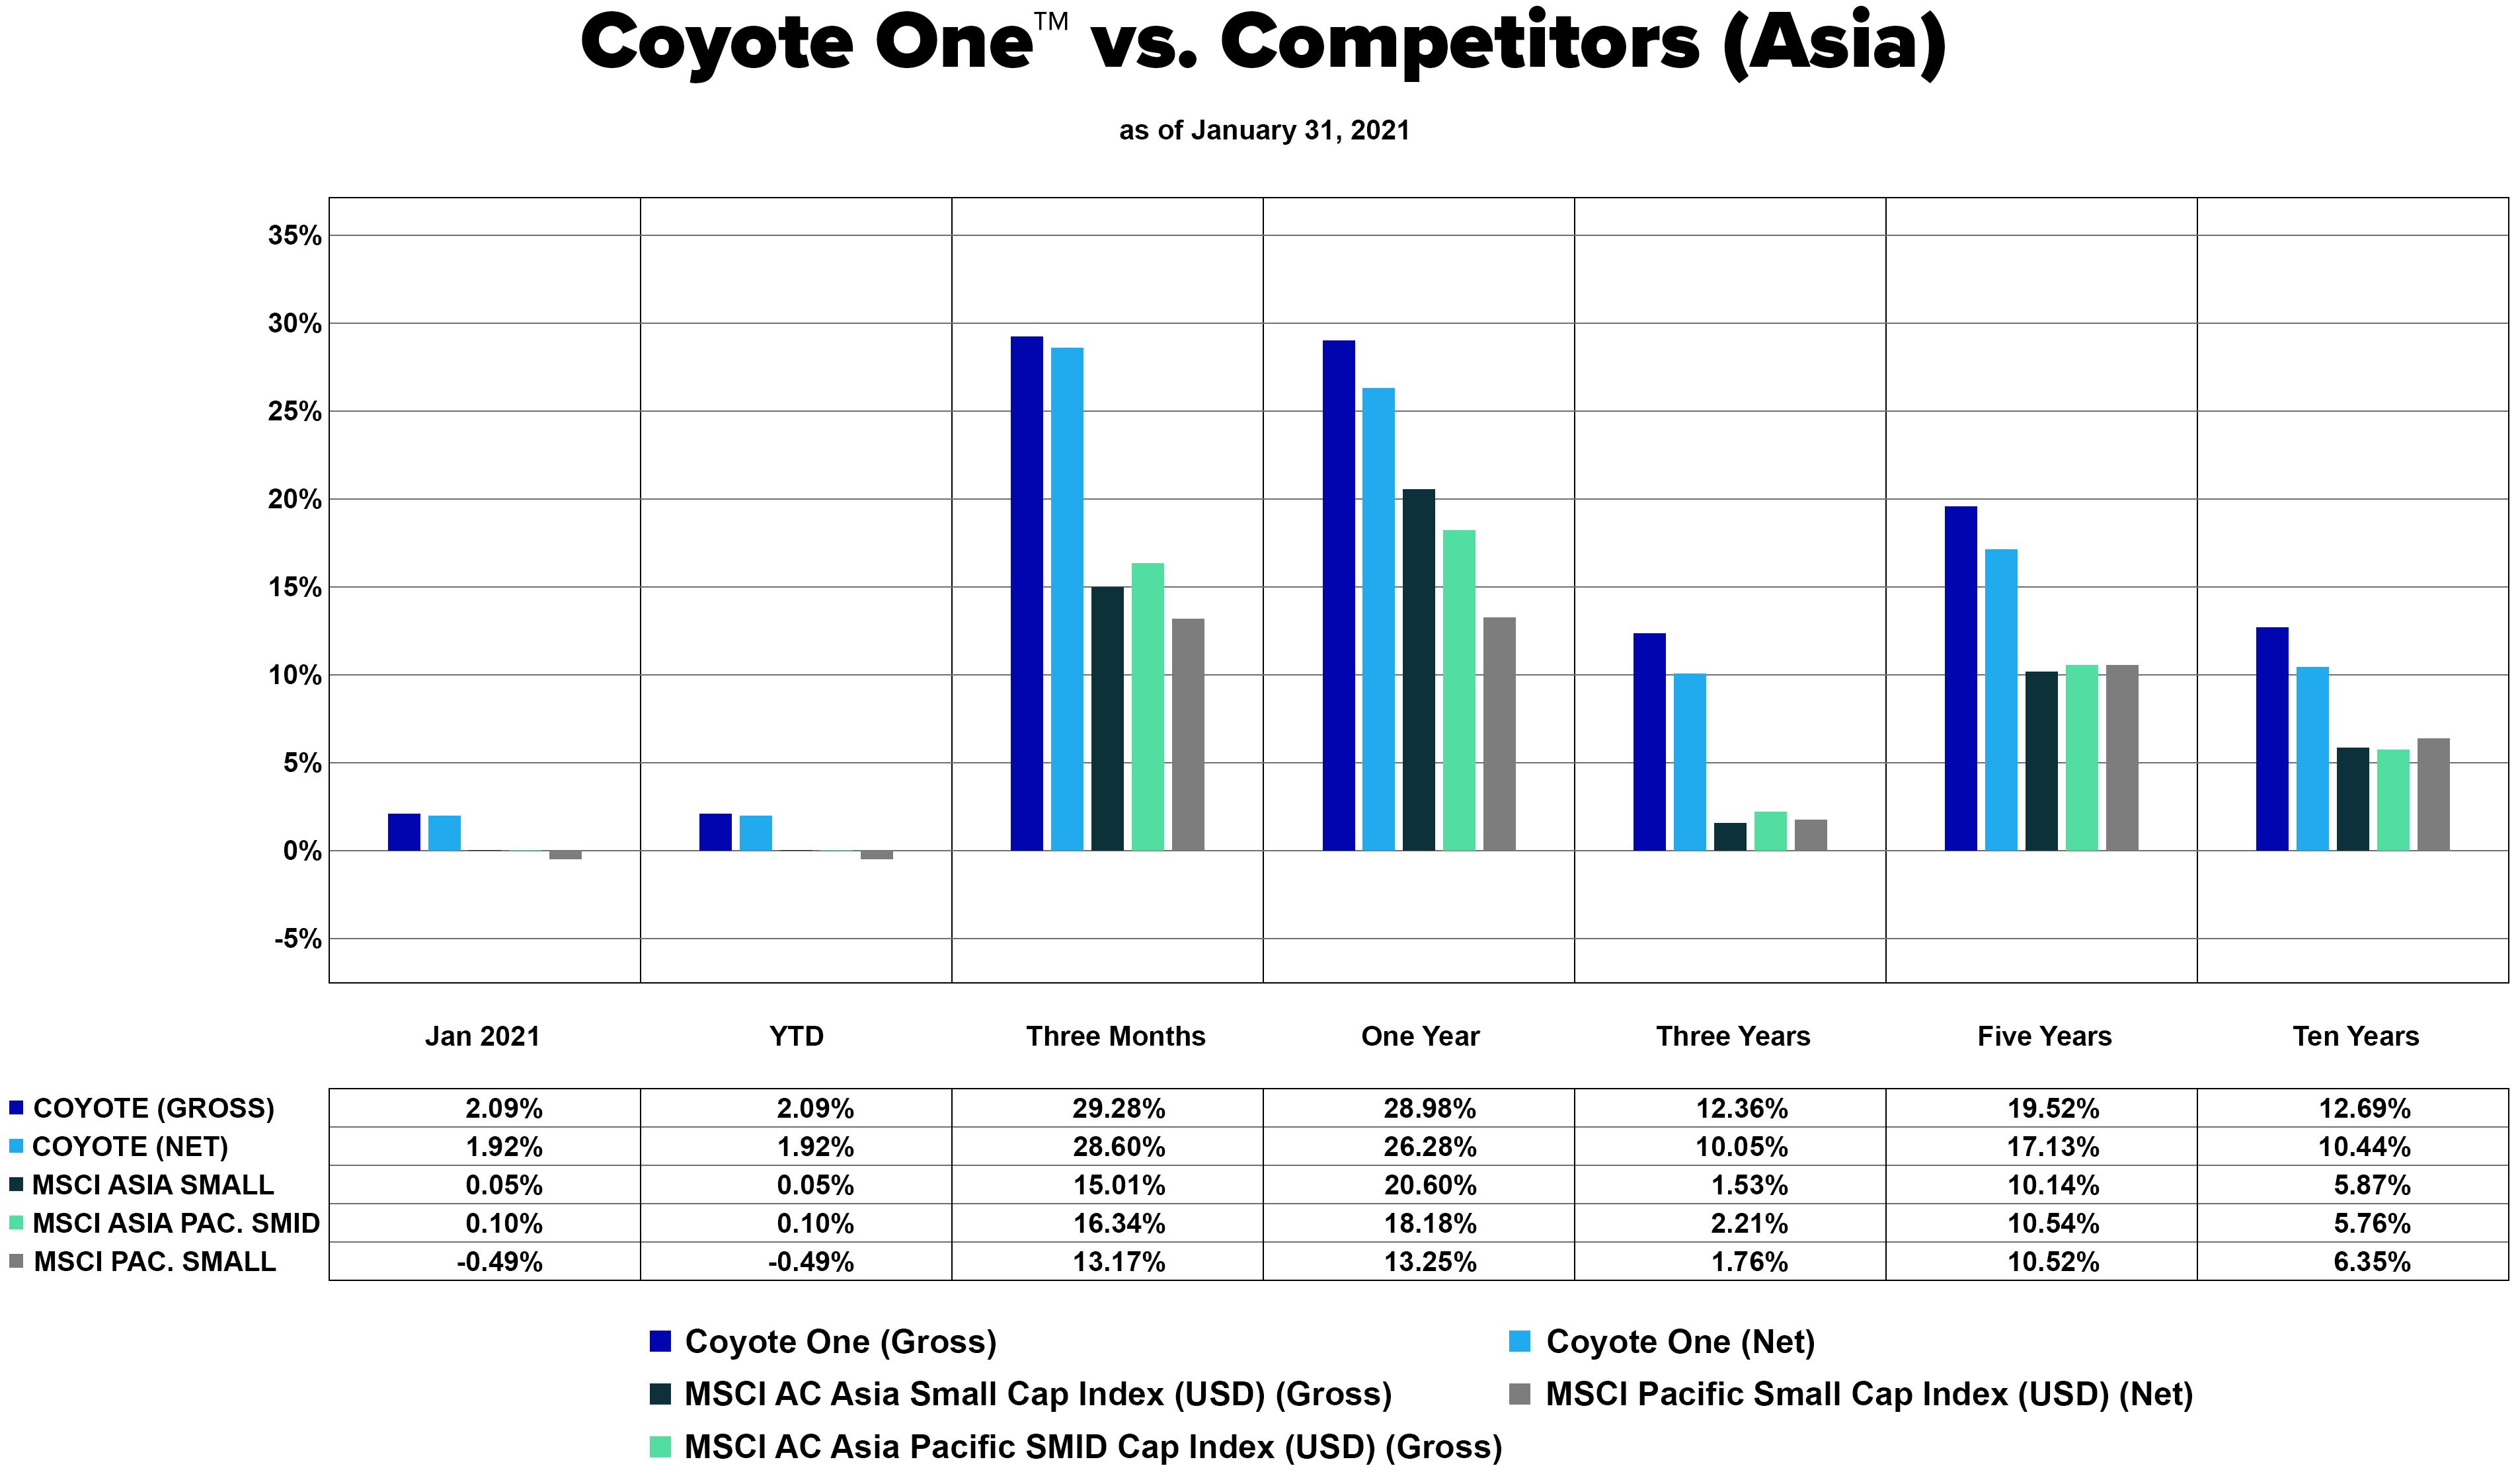 Coyote One vs. Competitors (Asia)